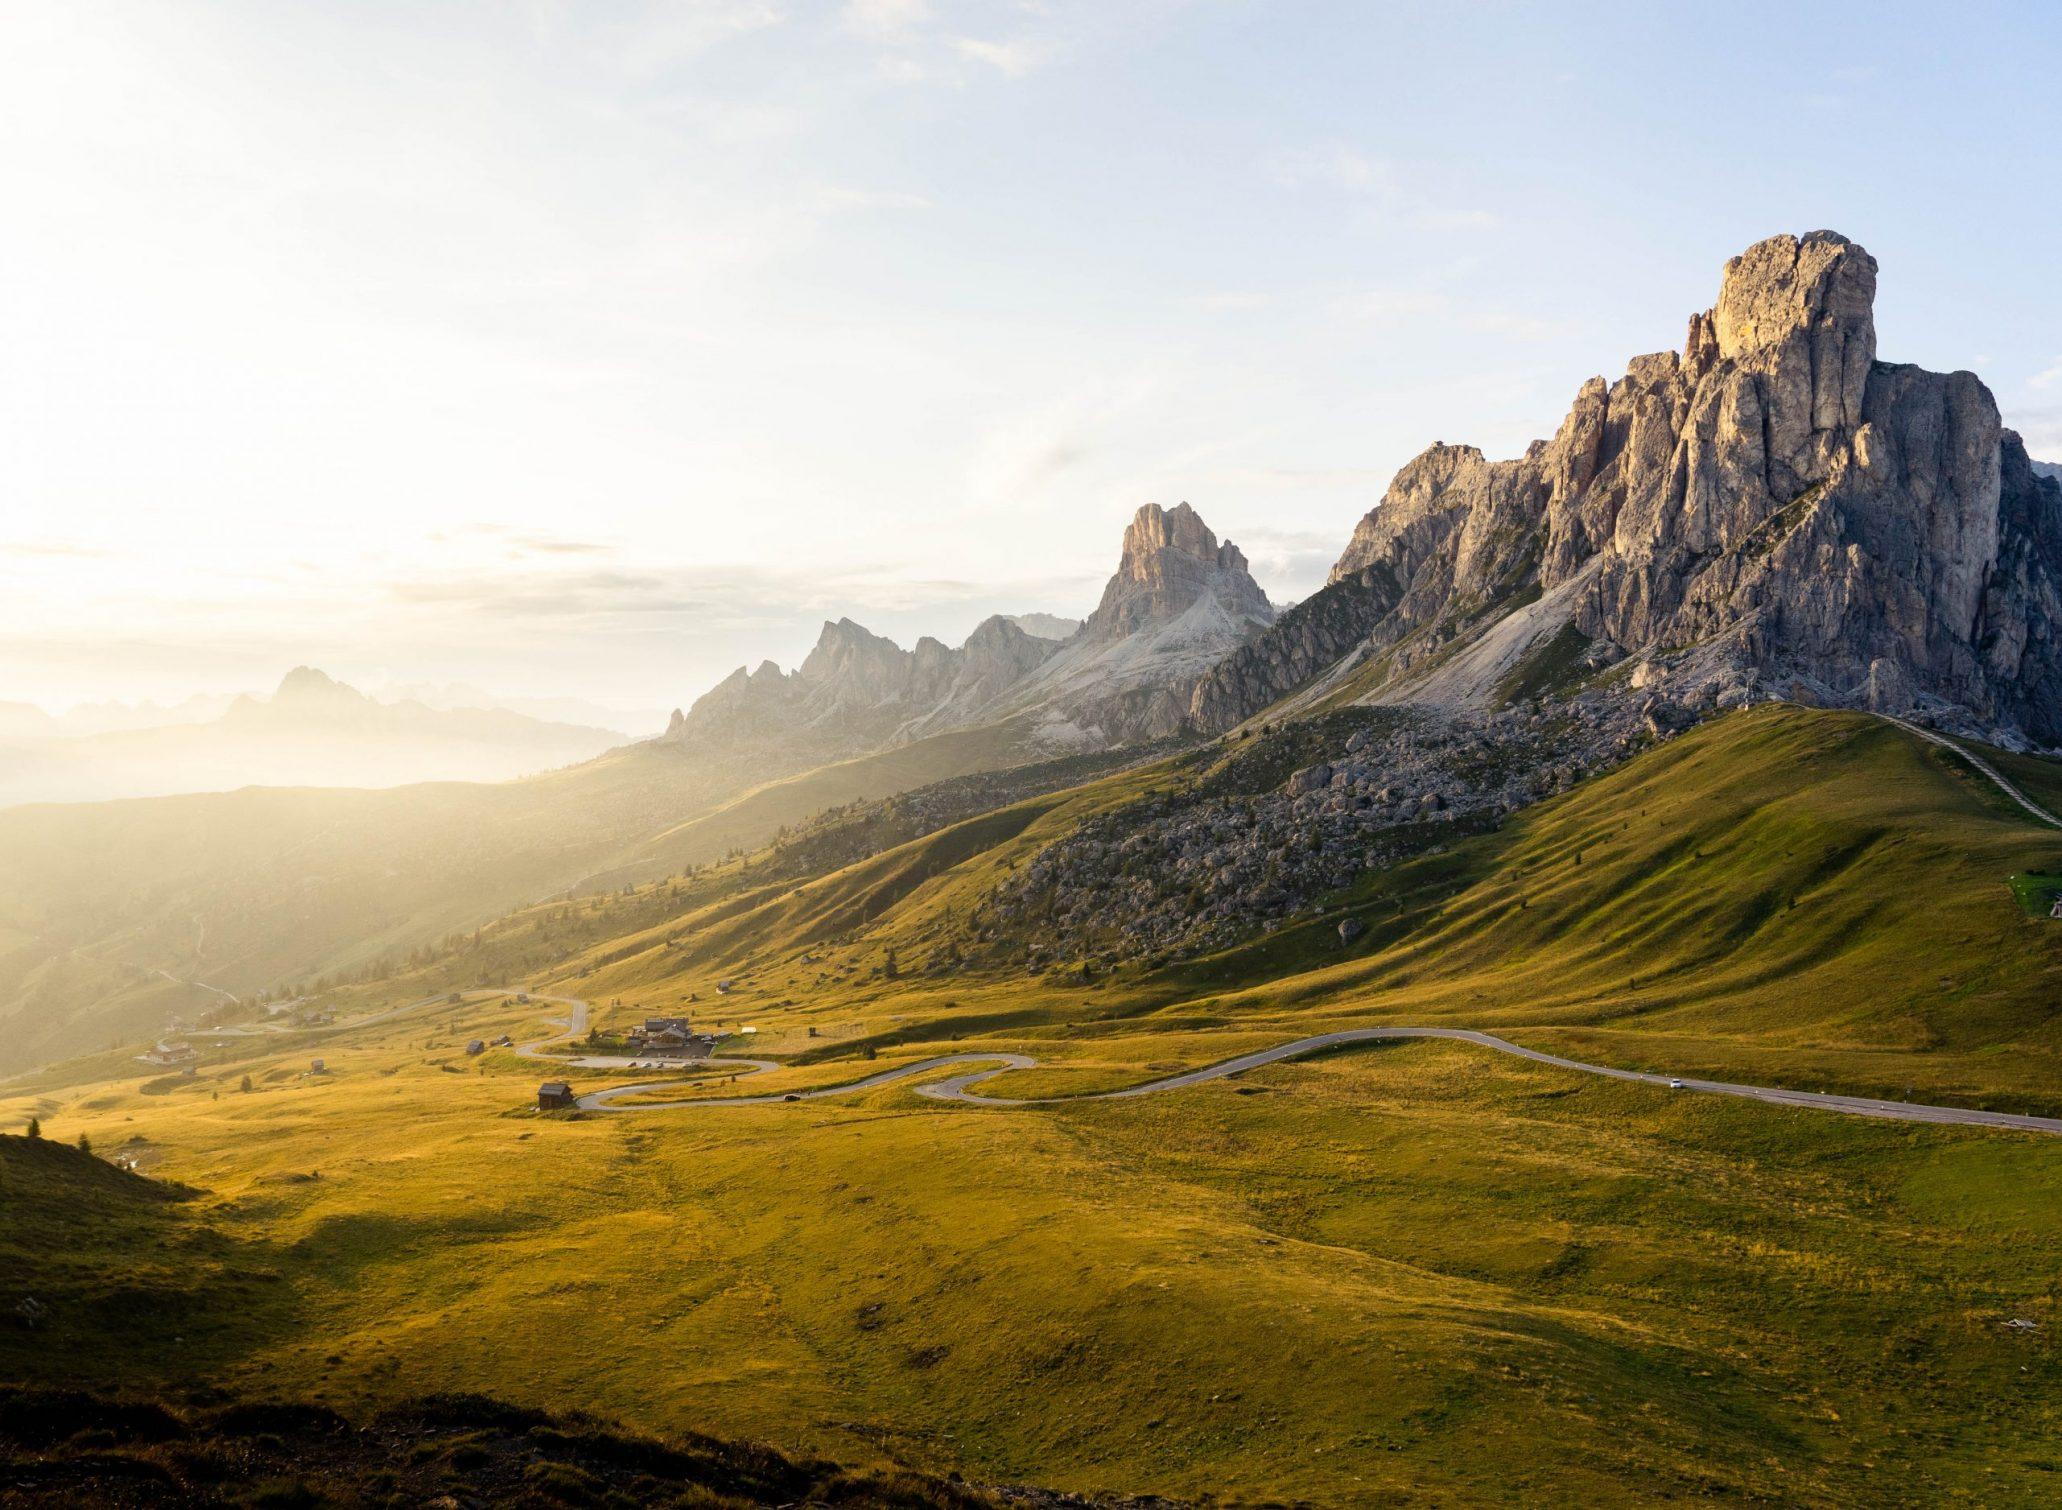 Les dolomites : autour de Cortina d'Ampezzo